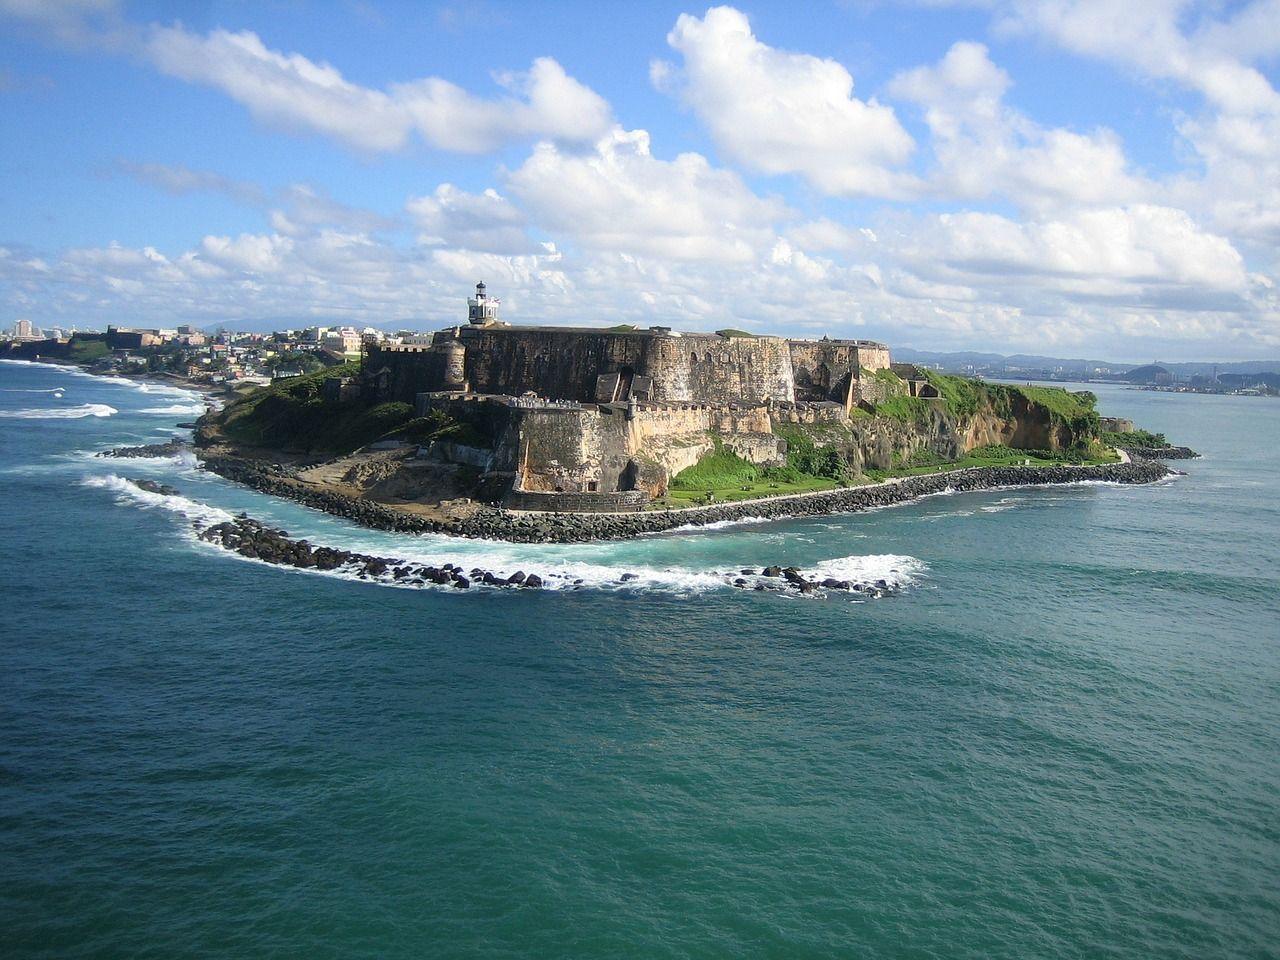 波多黎各、聖托馬斯和聖基茨之旅 7晚航程 (名人 至極號)